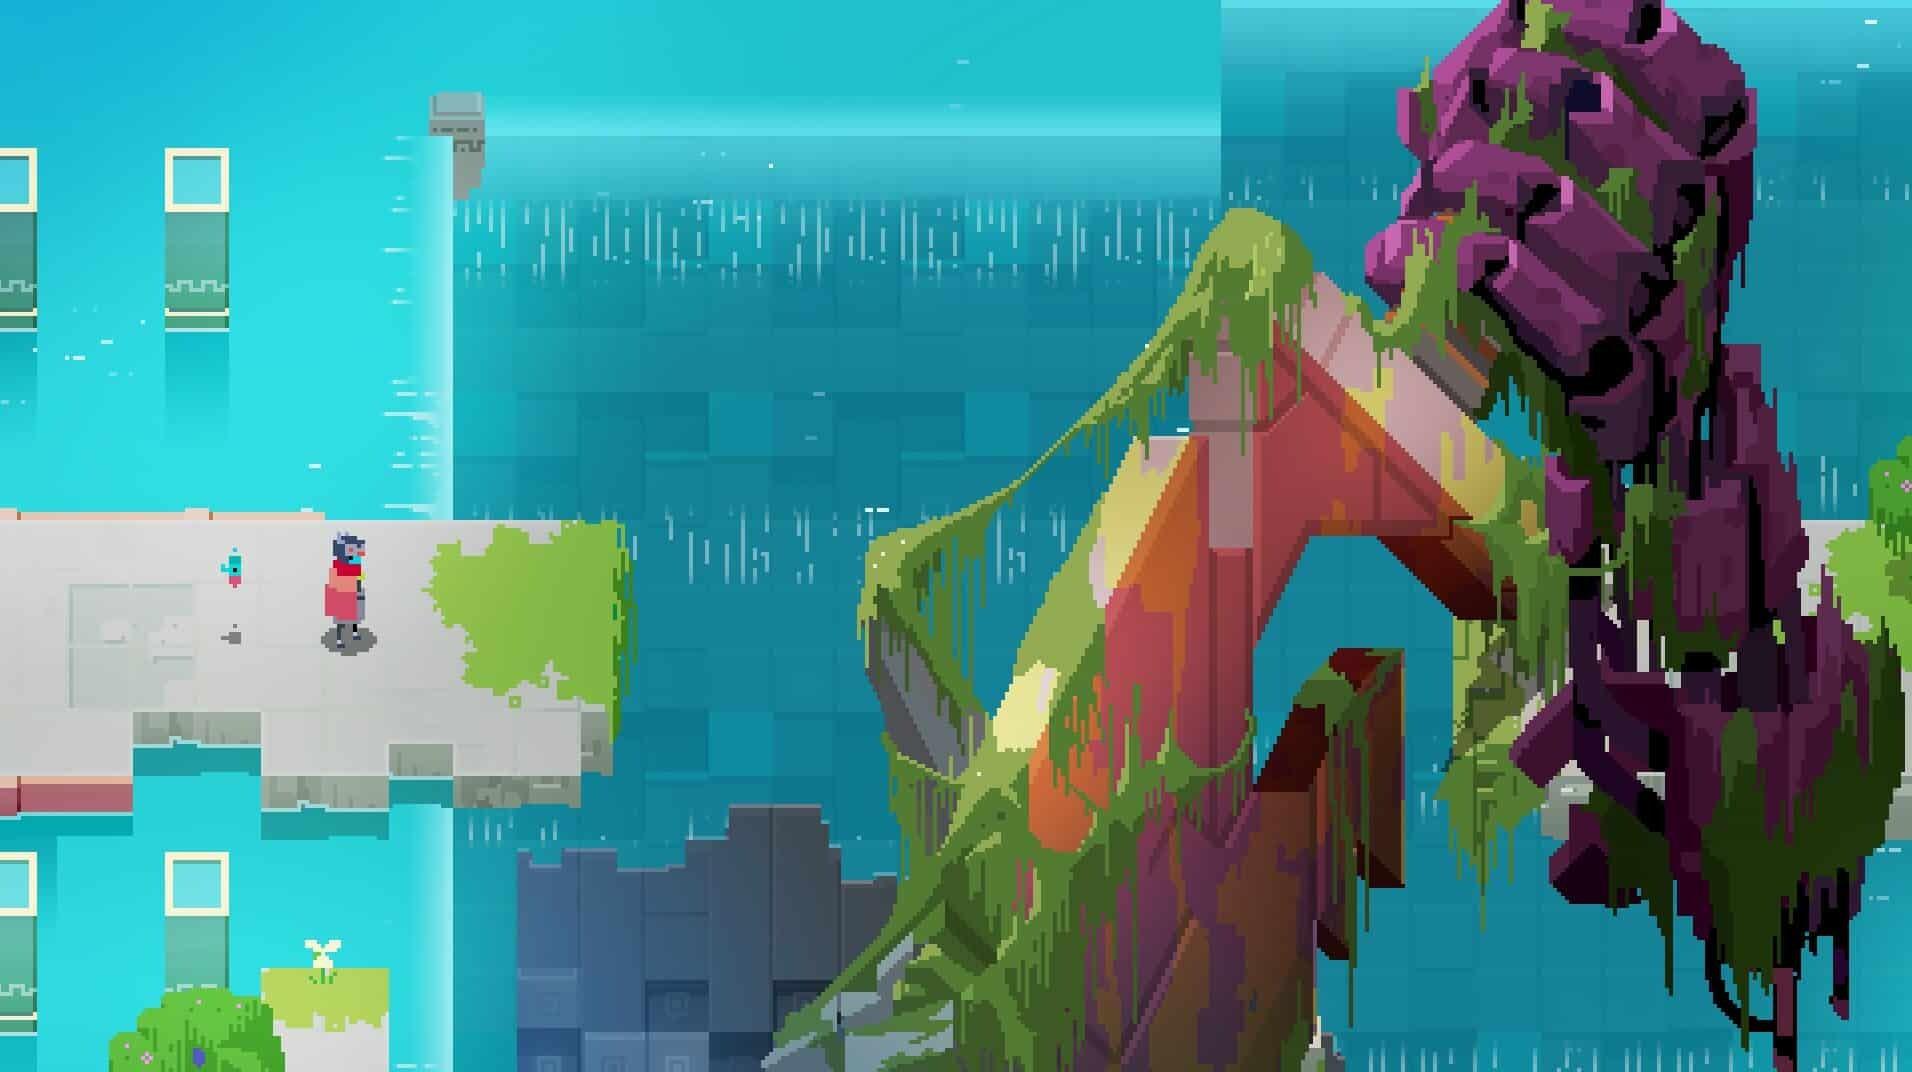 Hyper Light Drifter game screenshot, giant arm